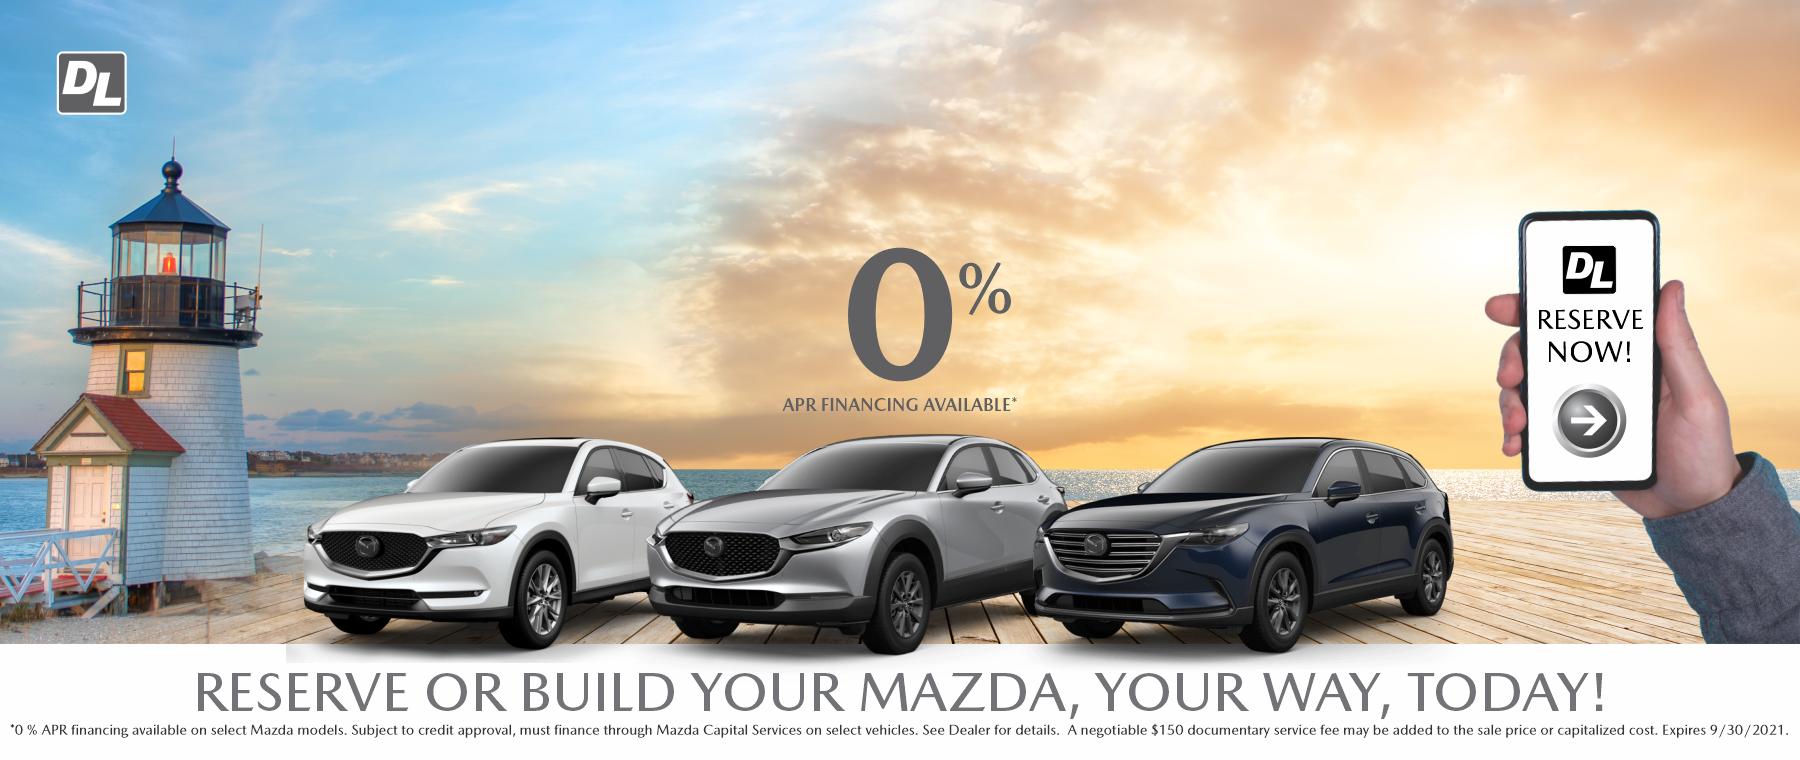 2021SeptBanners-Mazda-Hero2